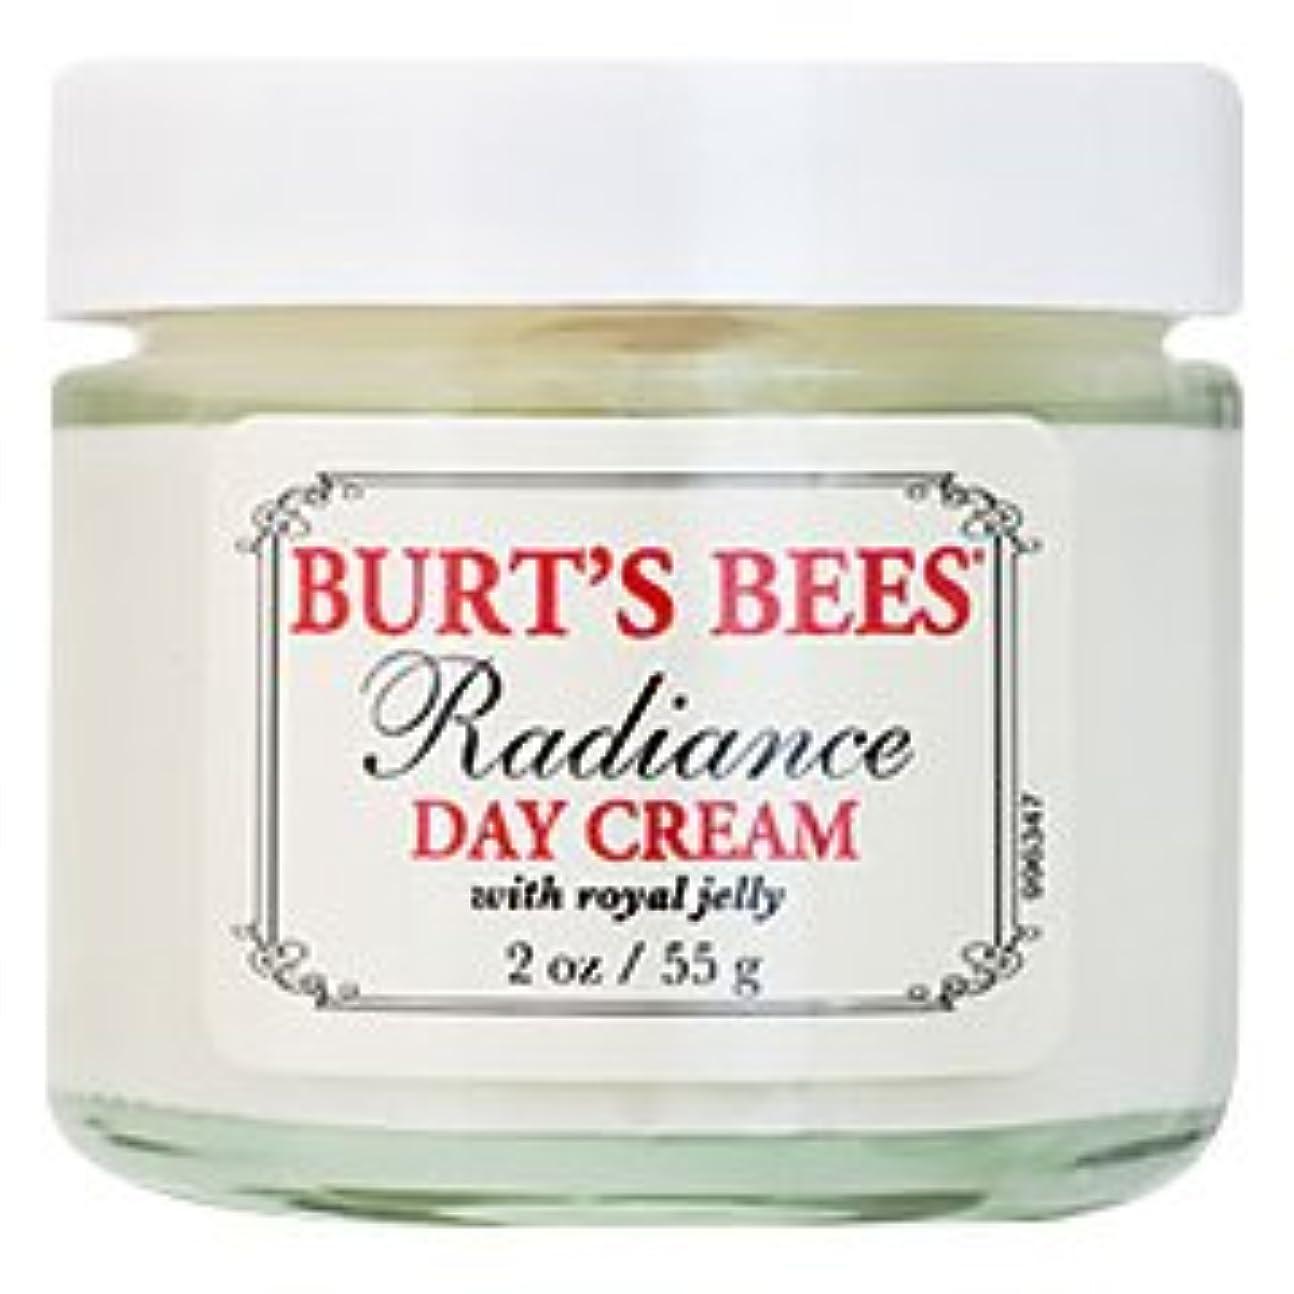 スクラッチたっぷり心のこもったバーツビーズ(Burt's Bees) ラディアンス デイクリーム(ロイヤルジェリー) 55g [海外直送品][並行輸入品]